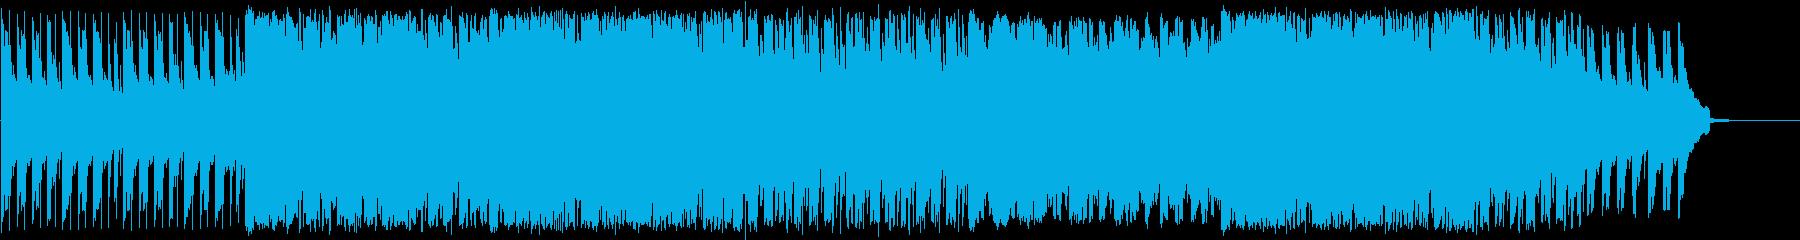 ピアノとバイオリンの明るい4つ打ち の再生済みの波形